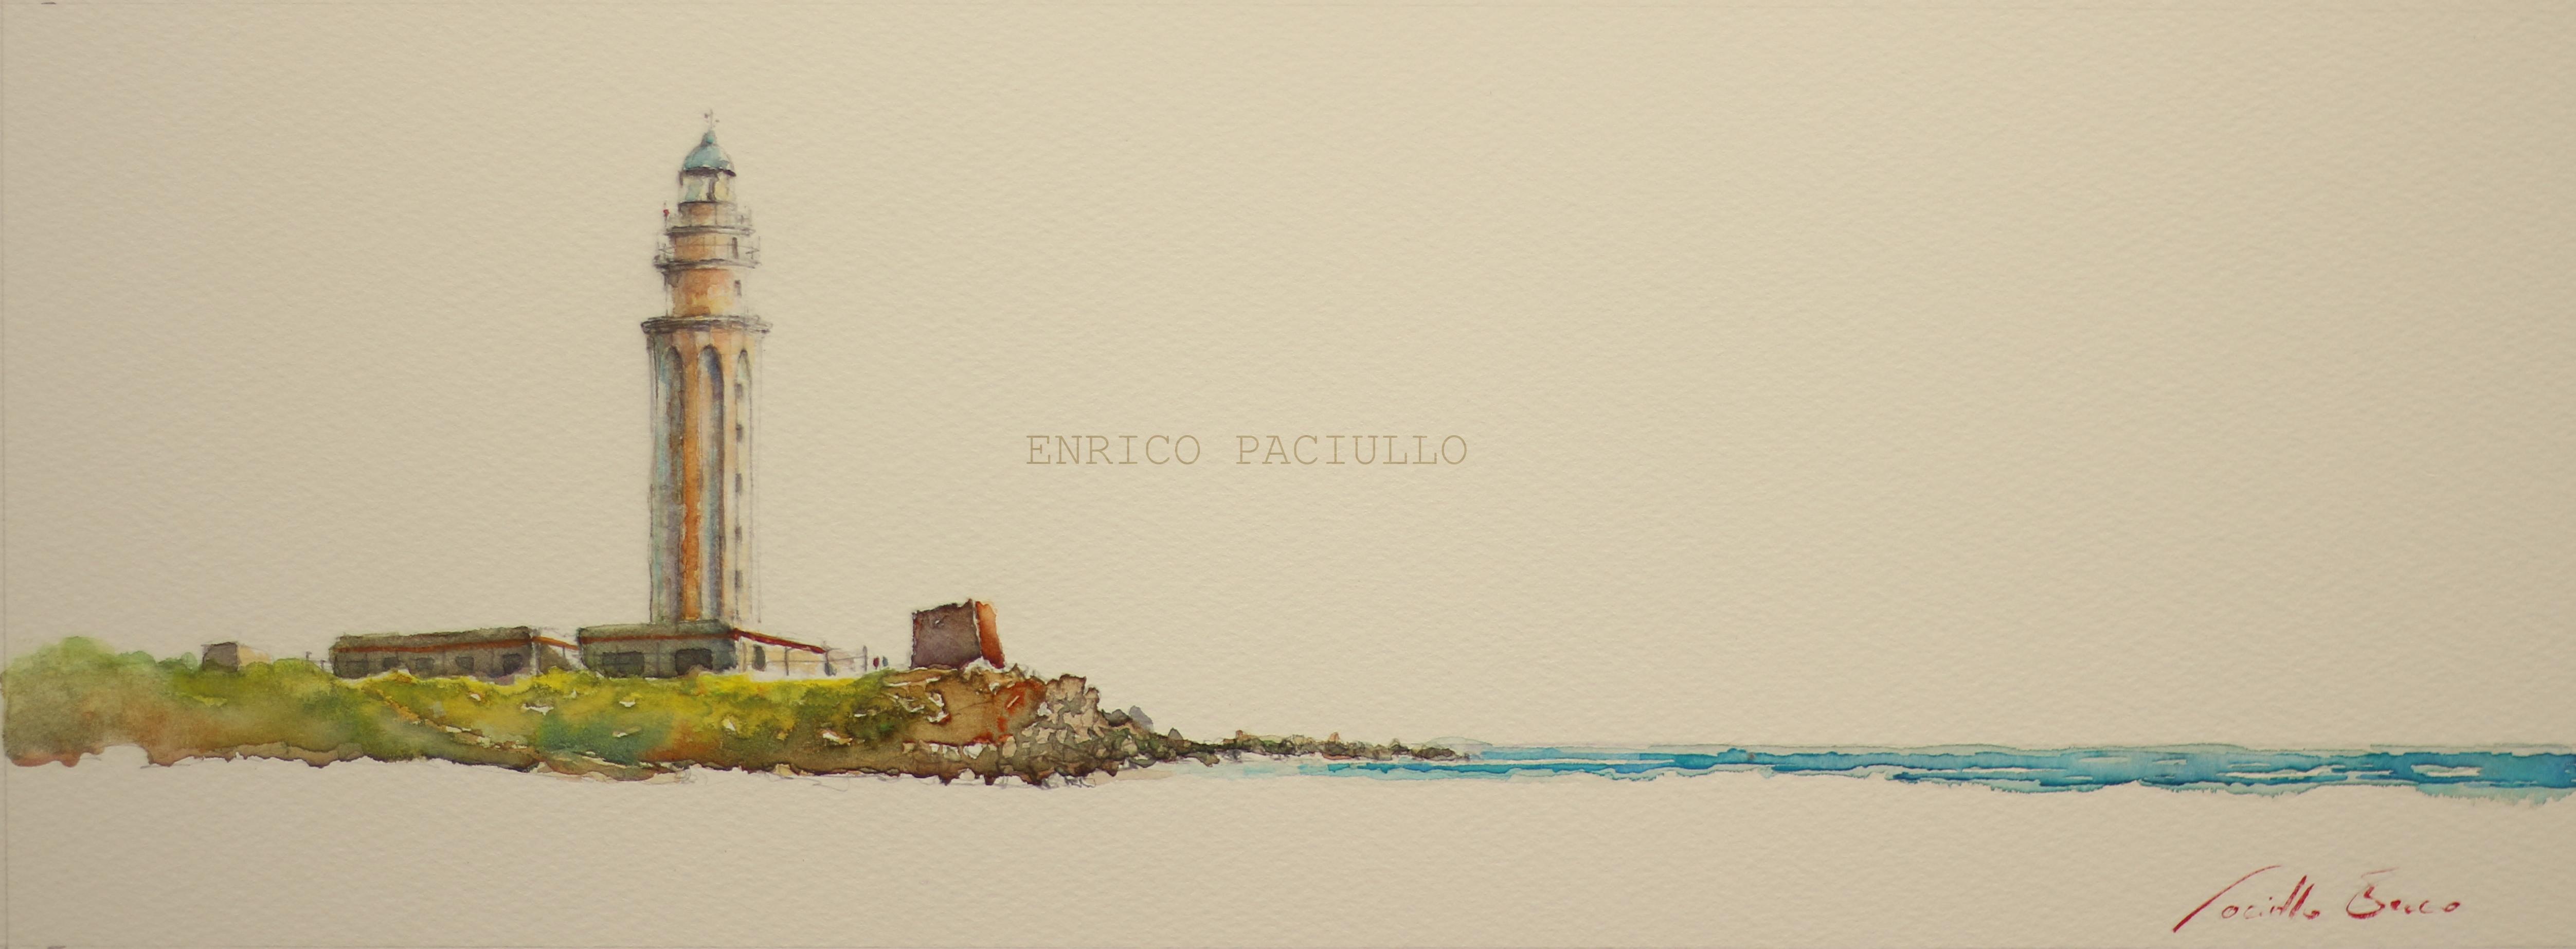 Nº 325 Faro de Trafalgar